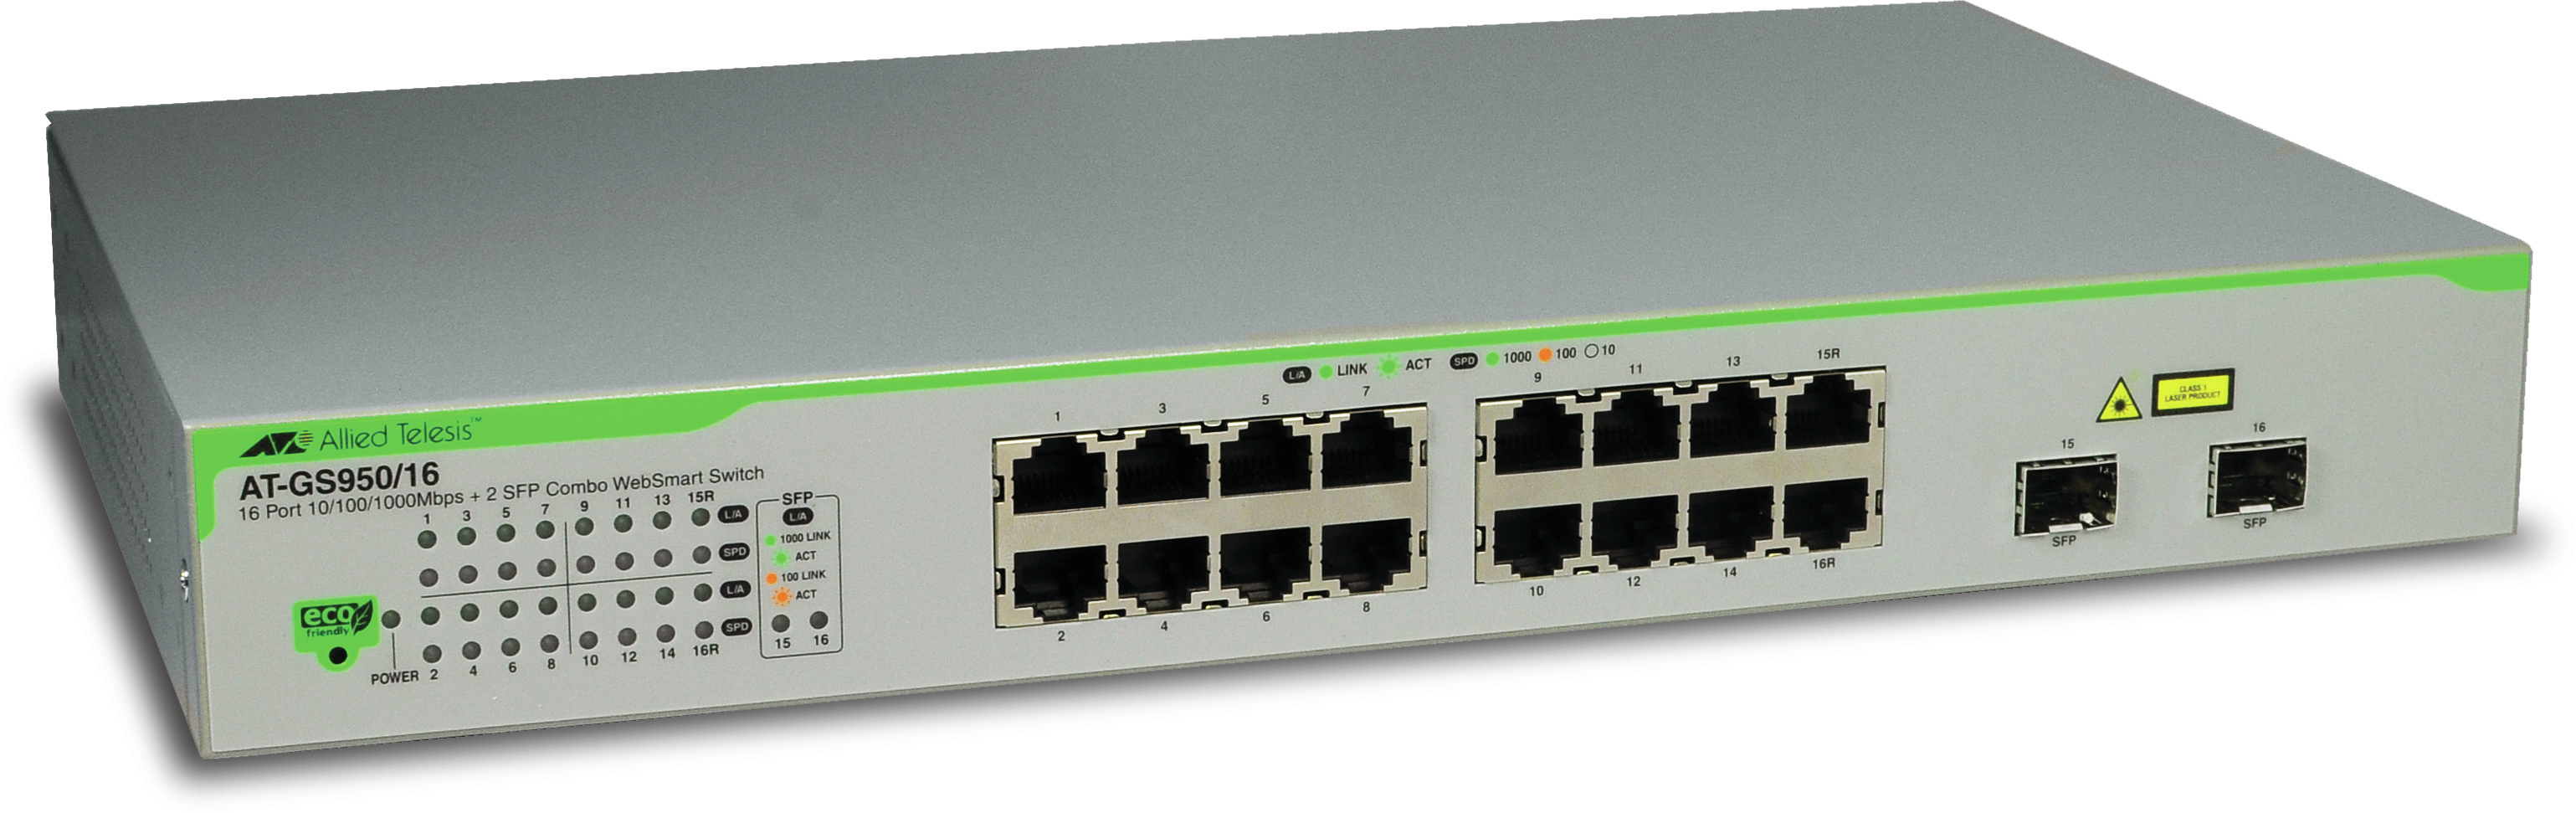 AT-GS950/16-50